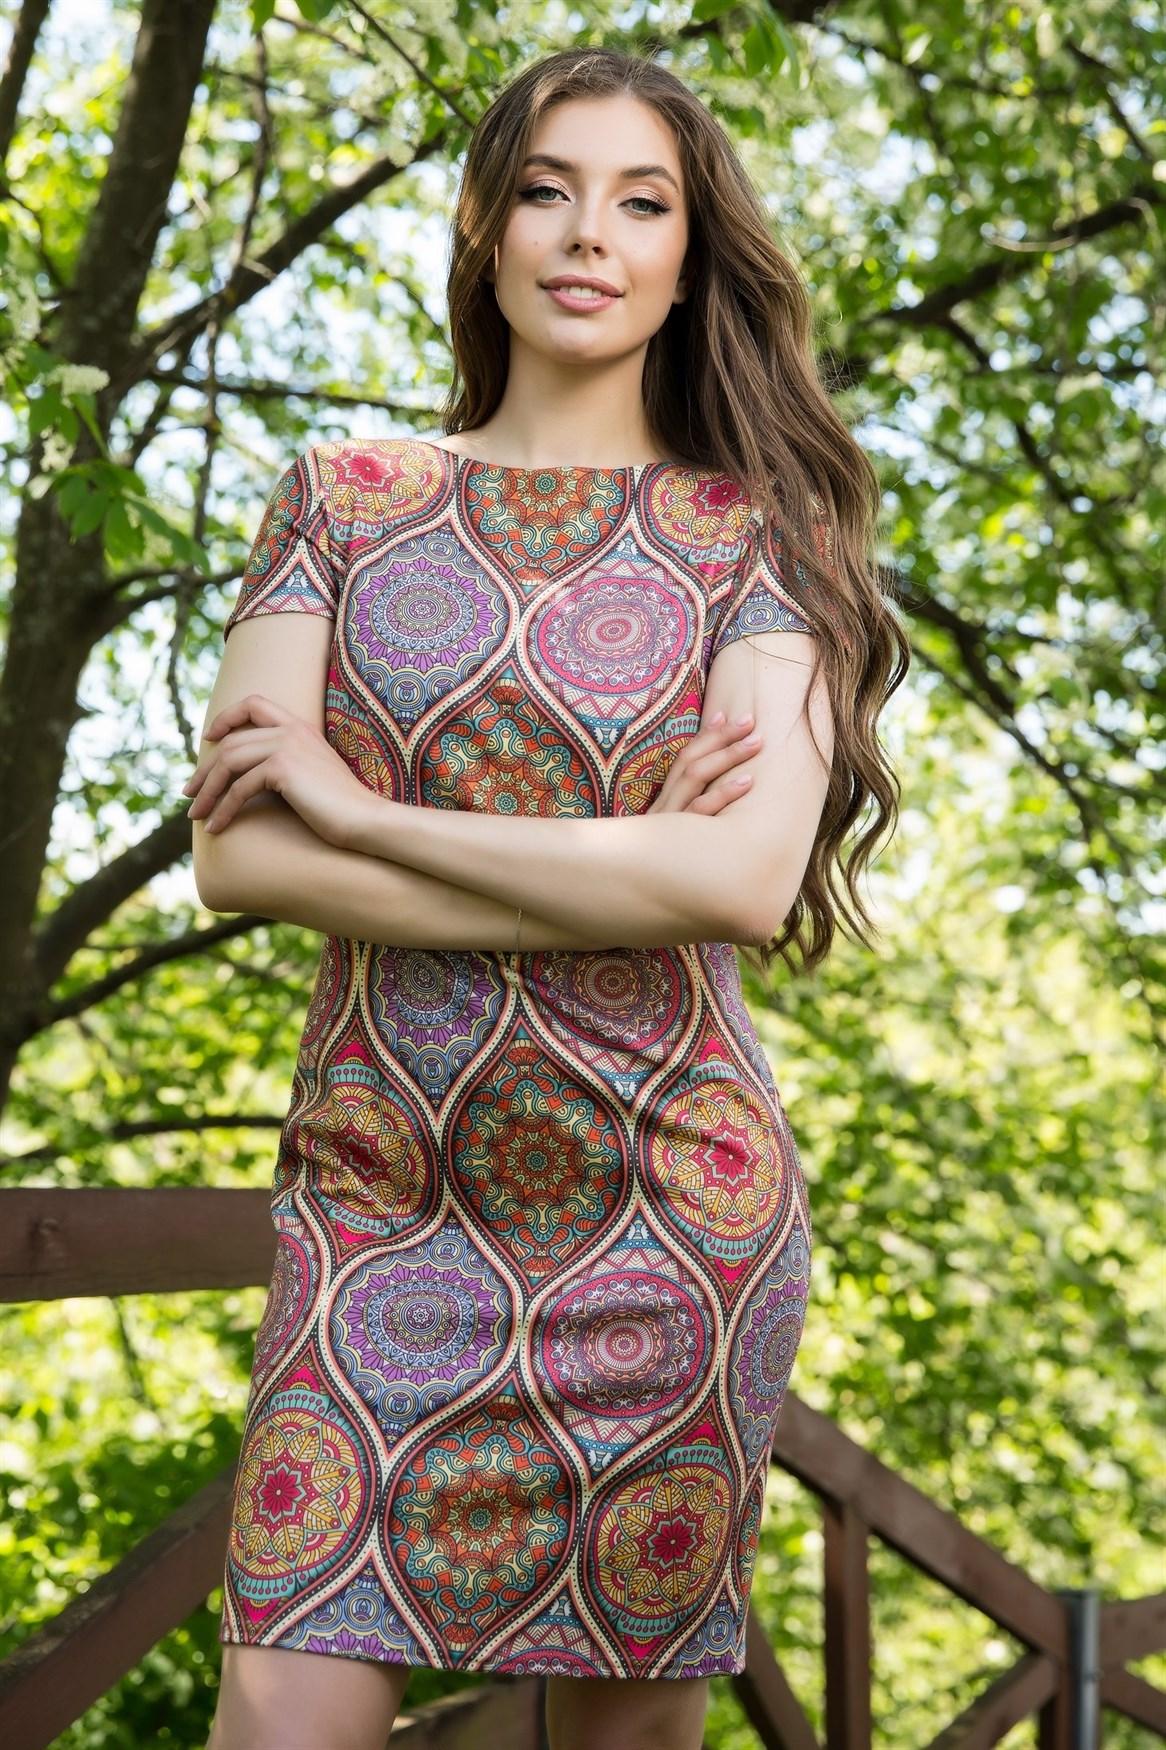 67-11 Платье - фото 6546